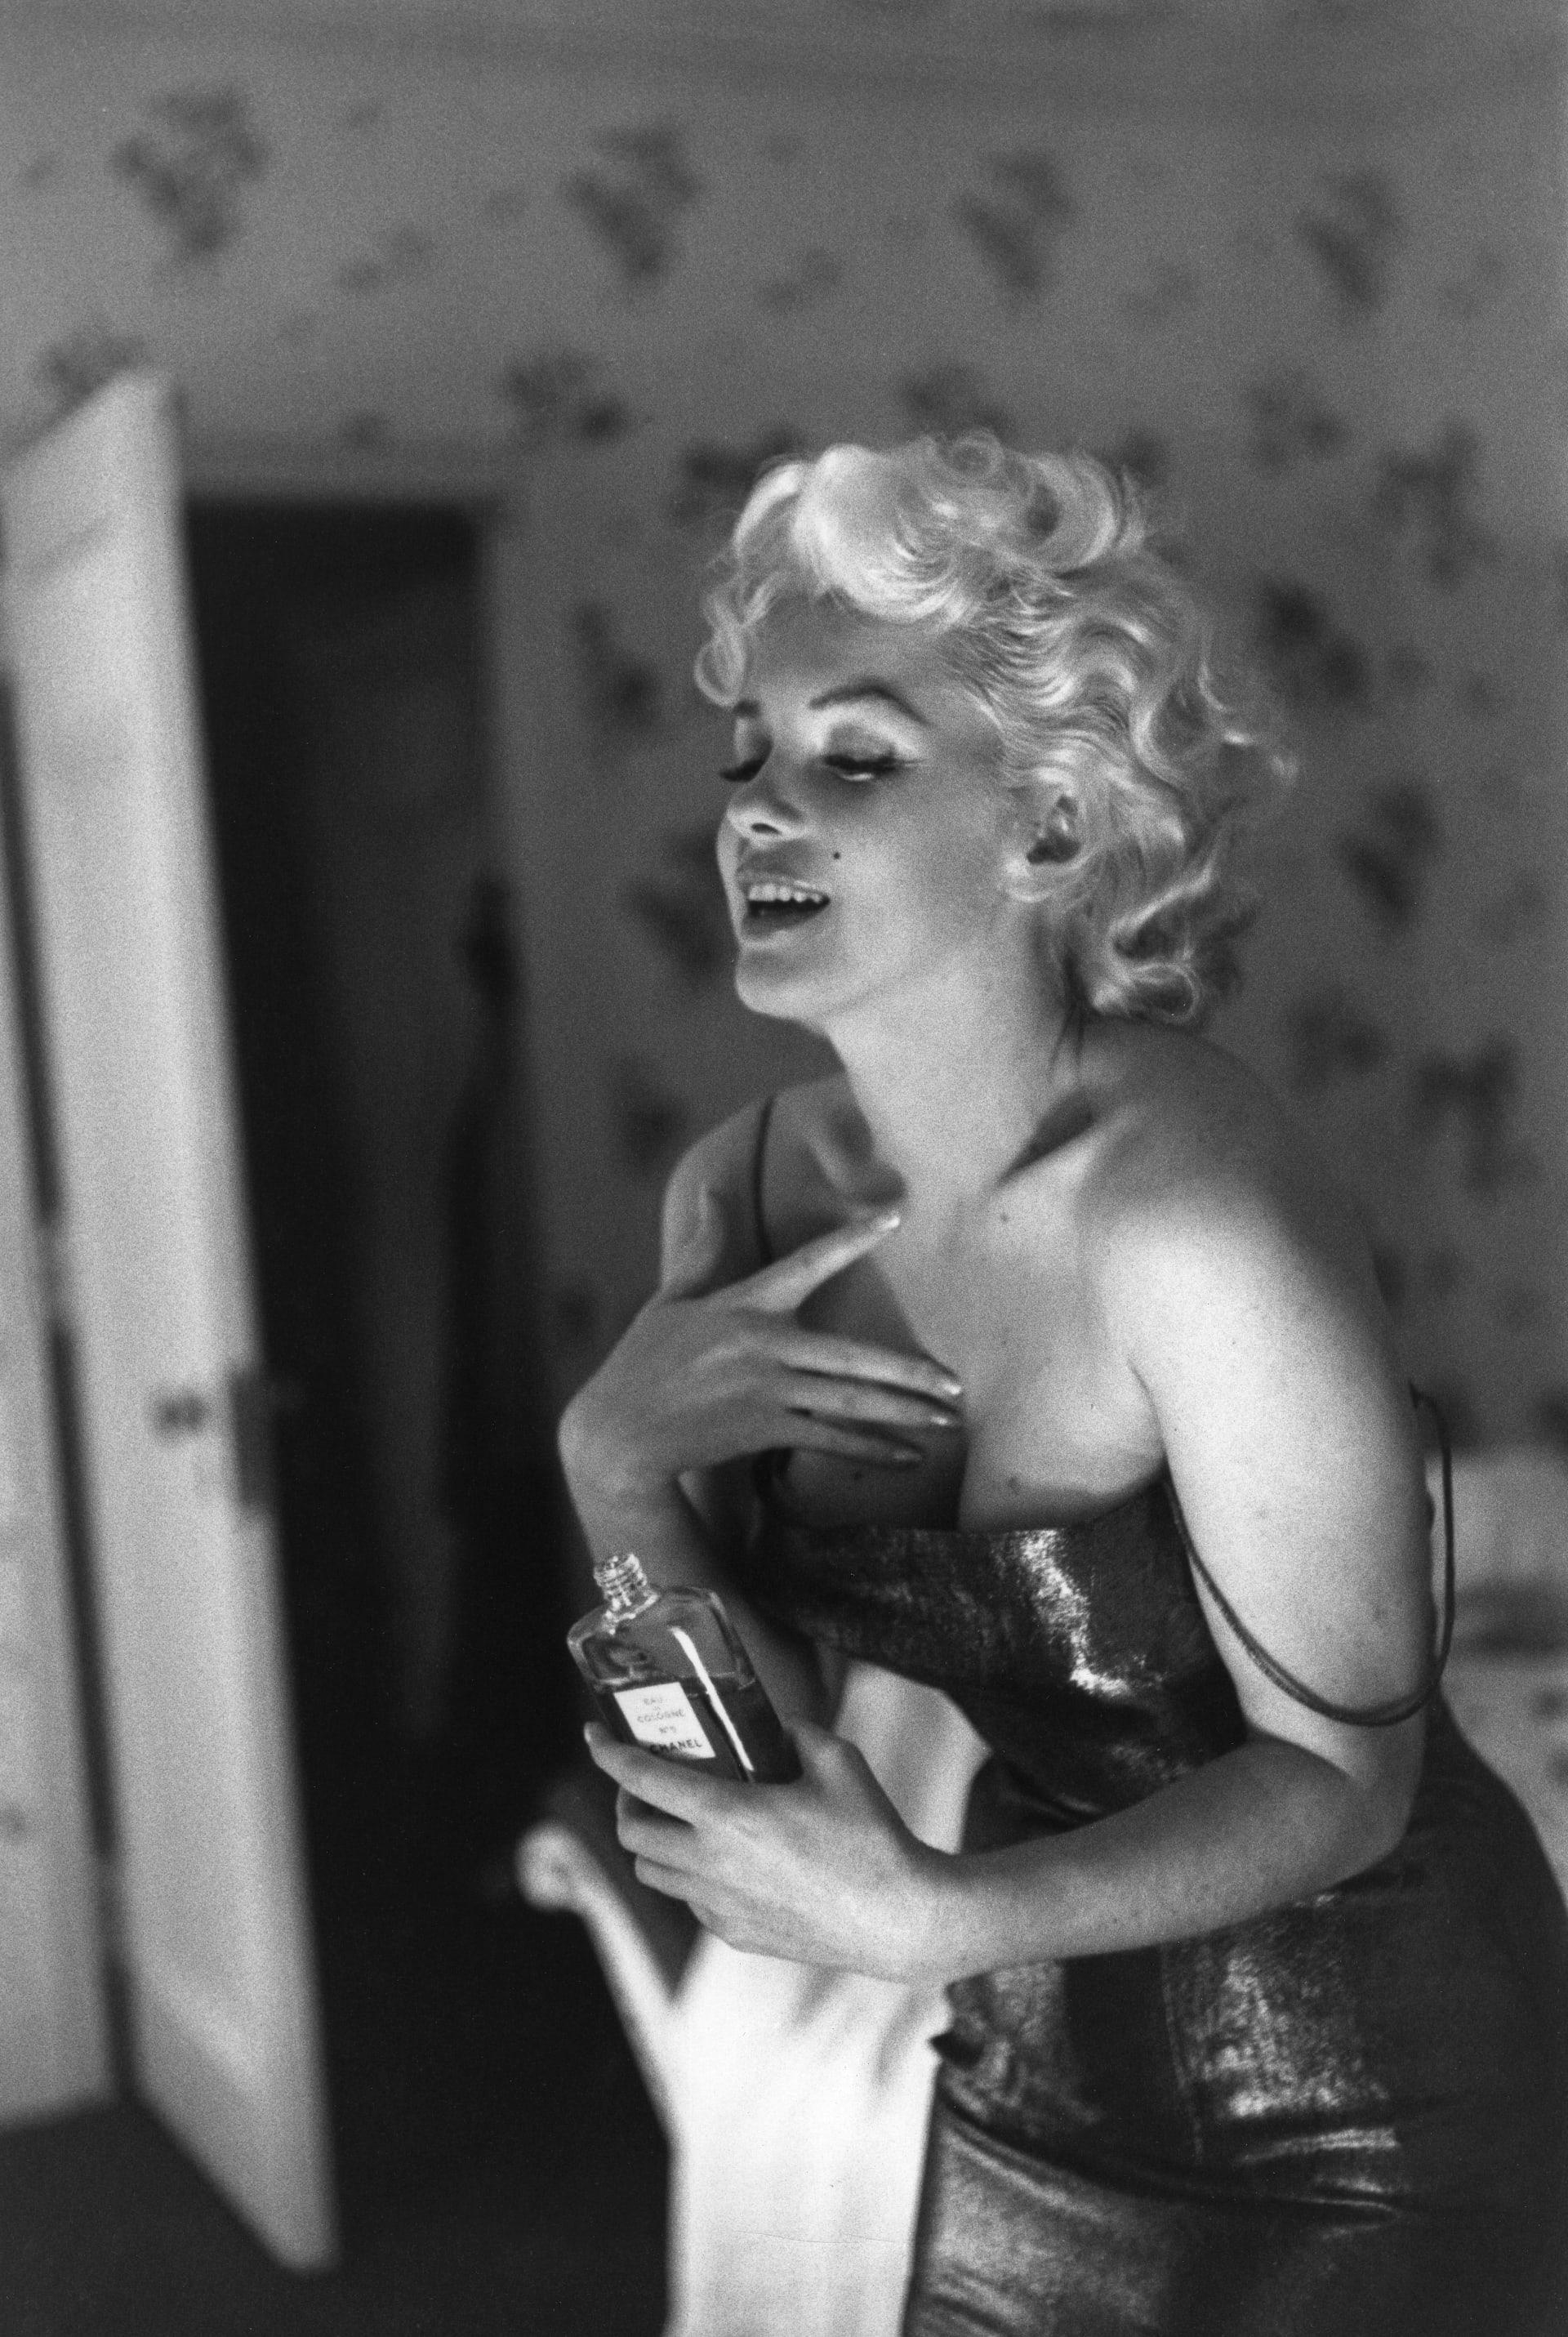 """مارلين مونرو في غرفة الفندق.. معرض يرفع الستار عن صور نادرة لـ """"أيقونة الإغراء"""""""